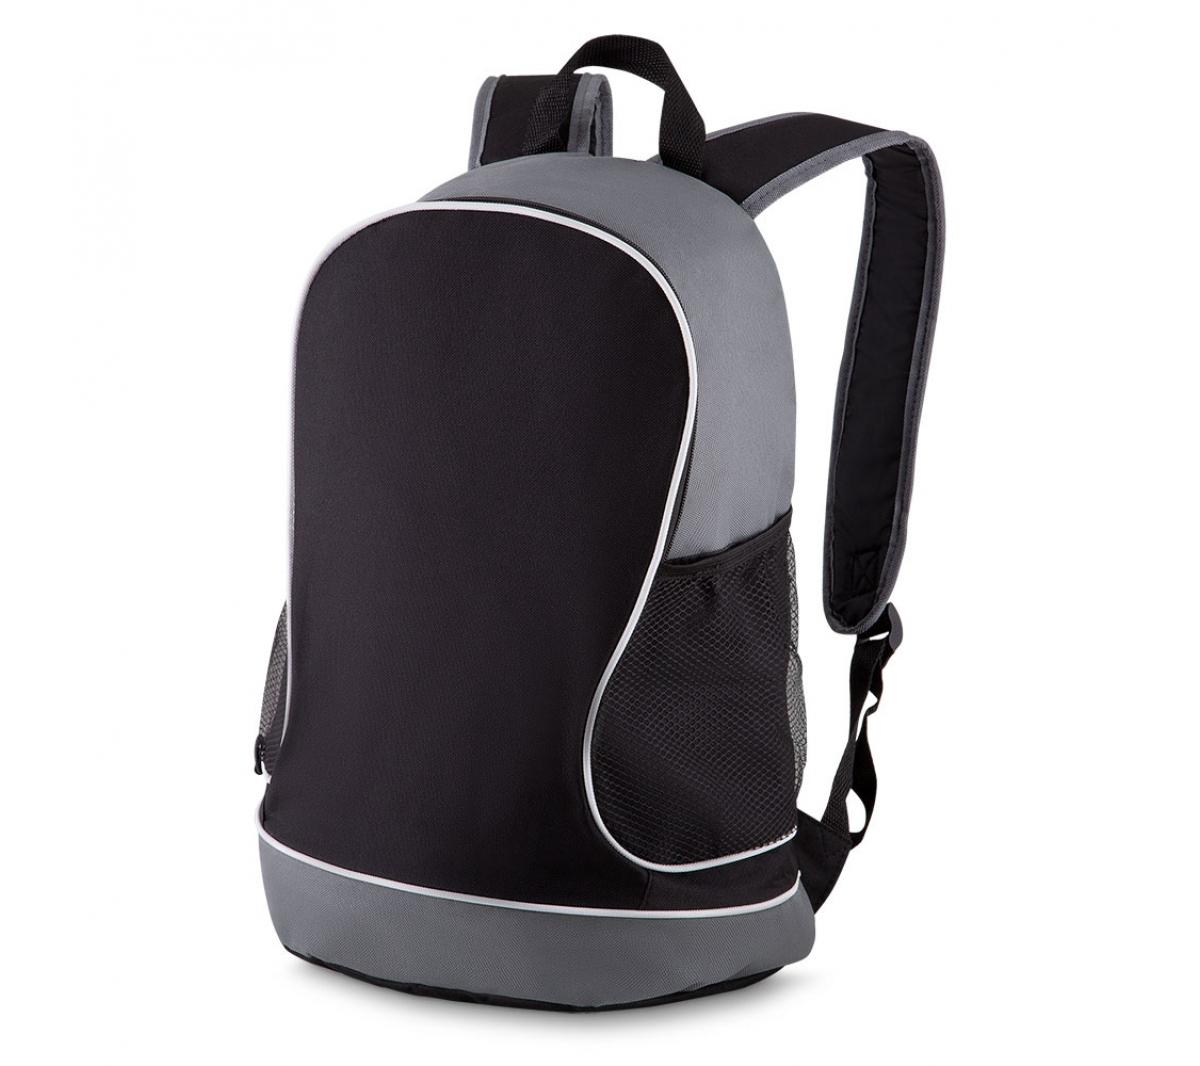 Brinde mochila personalizada - Flic Brindes 595cc17fef6